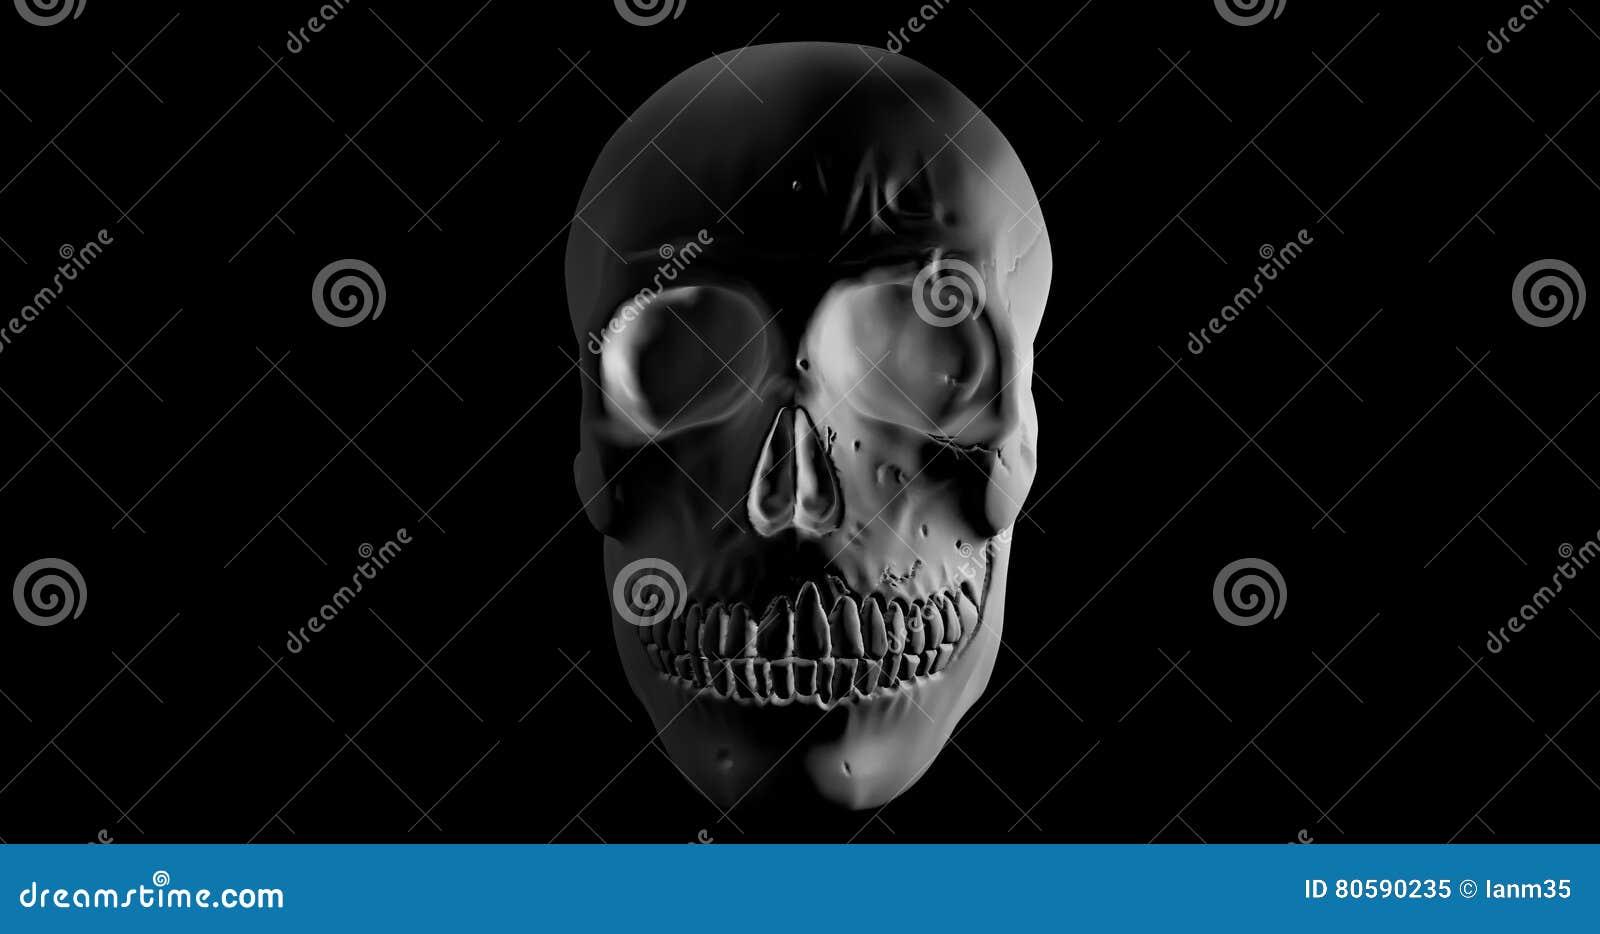 Cráneo O Cráneo Humano En La Rotación 360 Grados En Fondo Negro ...